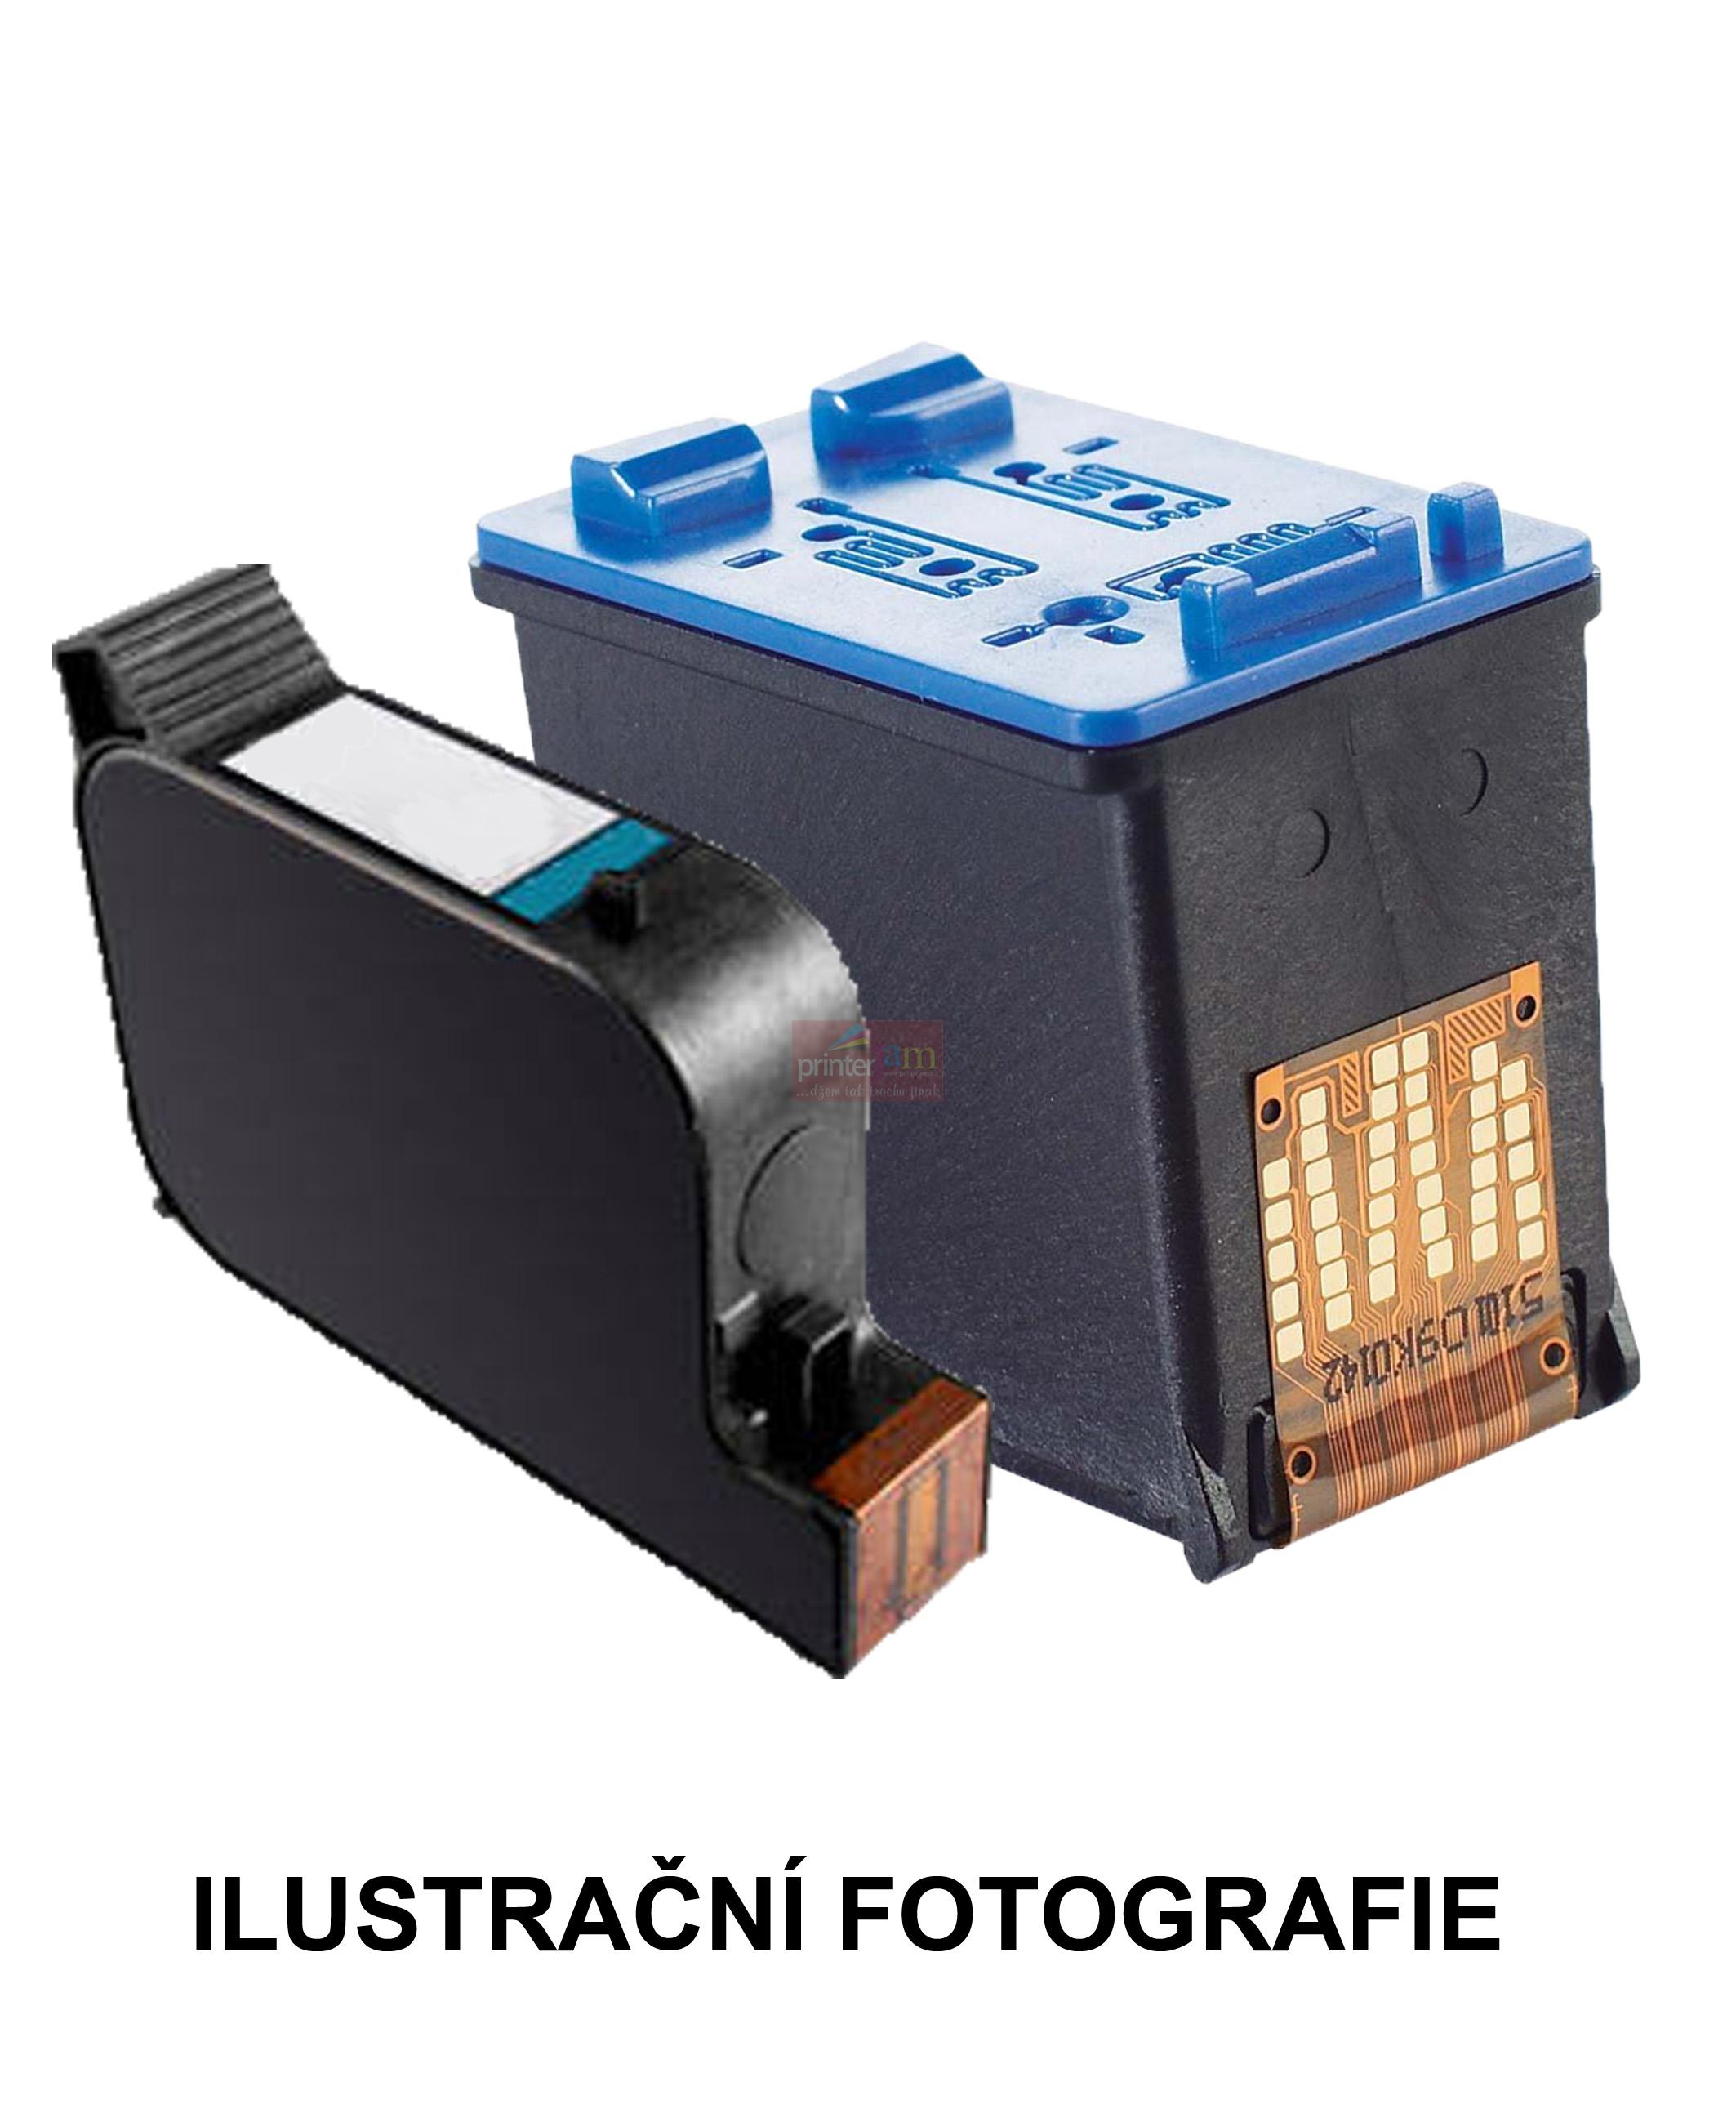 ink-jet pro HP Officejet 6500 černý, 1200 str., originál